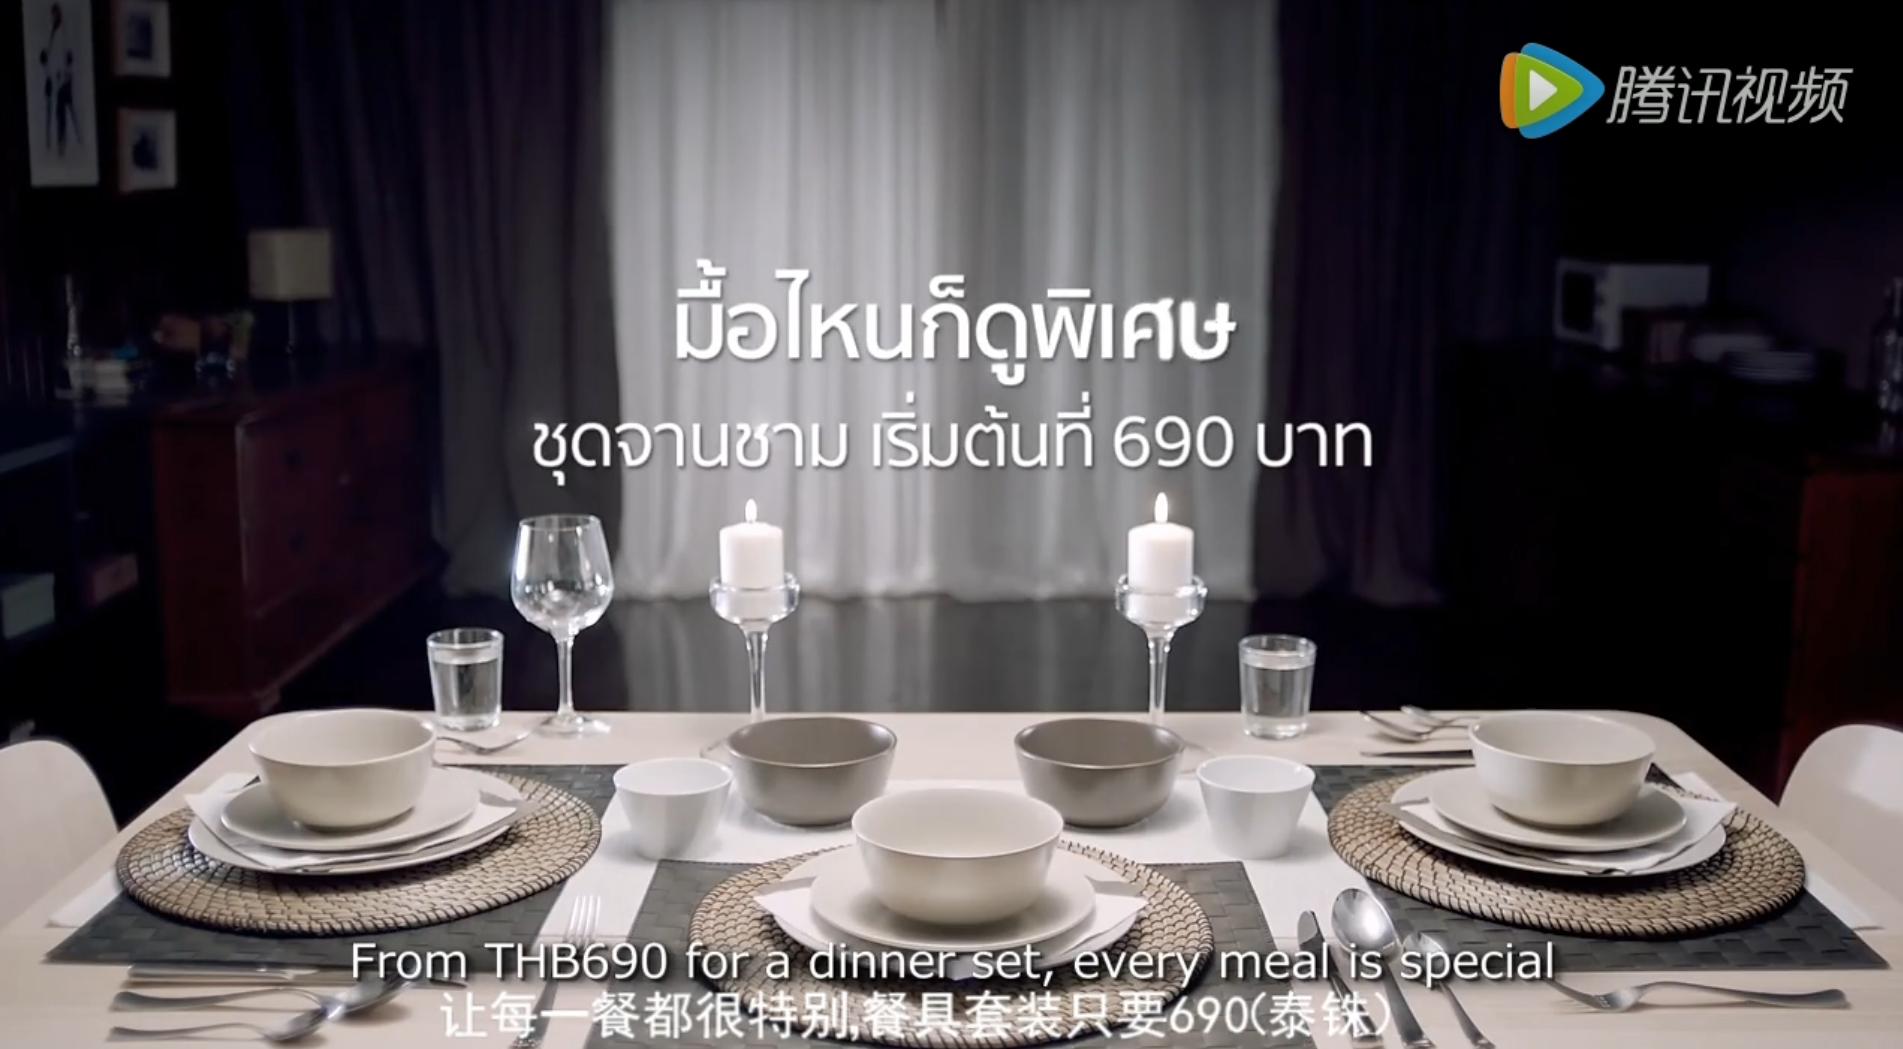 宜家泰国搞笑广告:你以为这是家庭伦理剧吗?